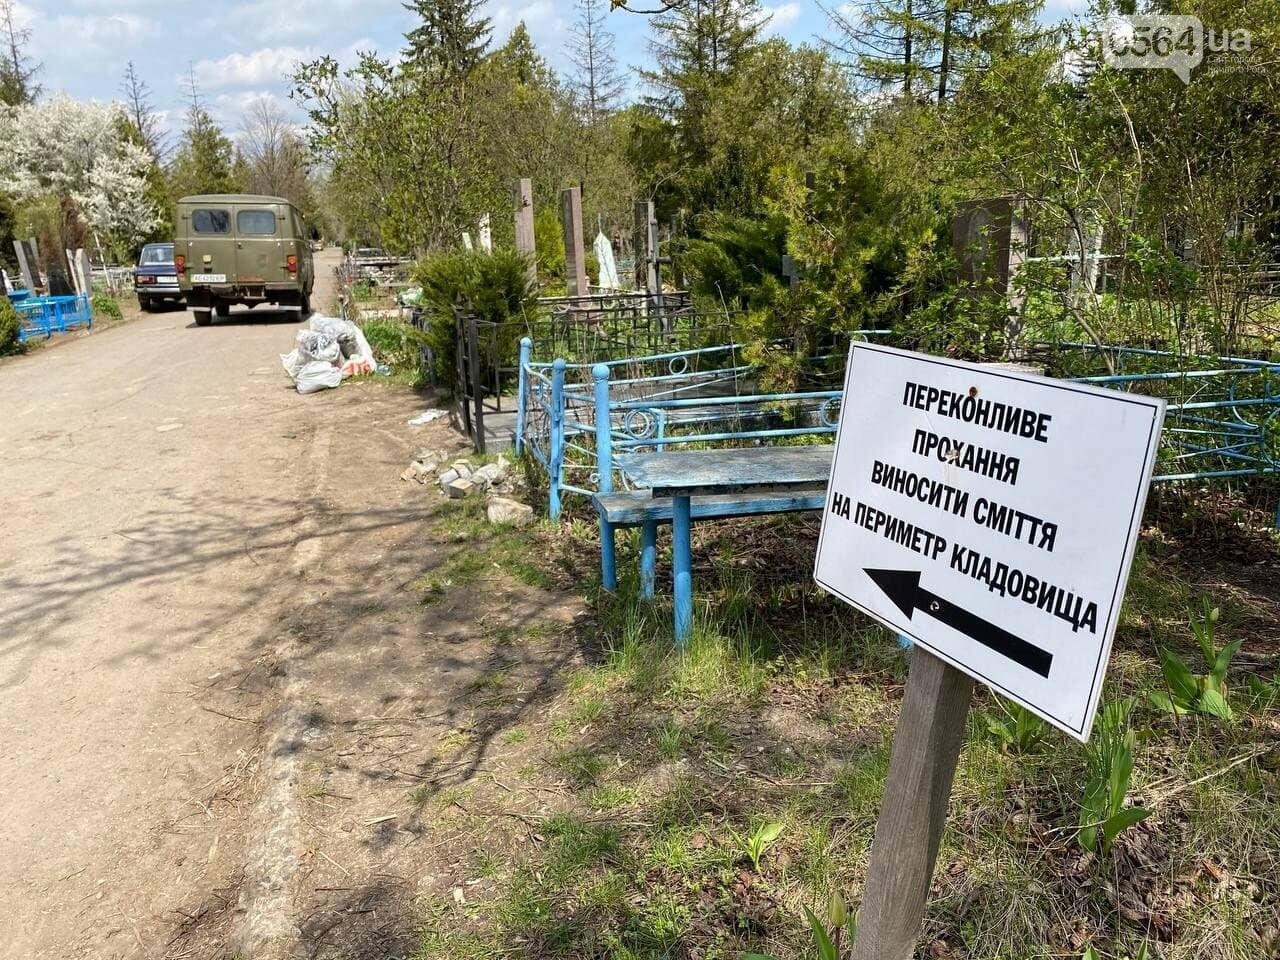 На криворожских кладбищах накануне поминальных дней в усиленном режиме работает спецтехника, - ФОТО, ВИДЕО , фото-24